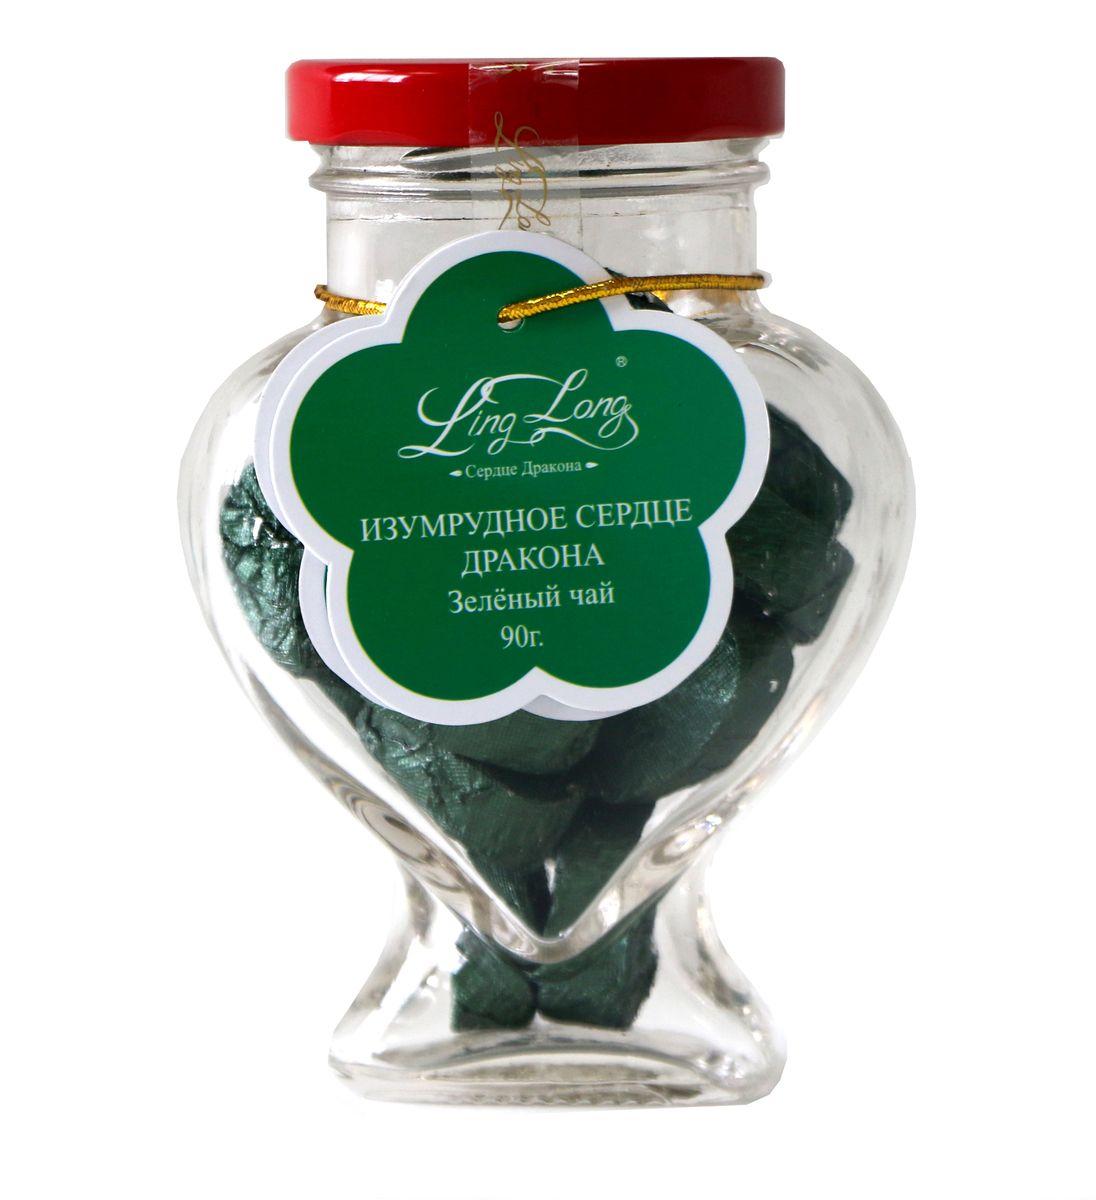 Ling Long Изумрудное сердце дракона зеленый листовой чай, 90 г (стеклянная банка)